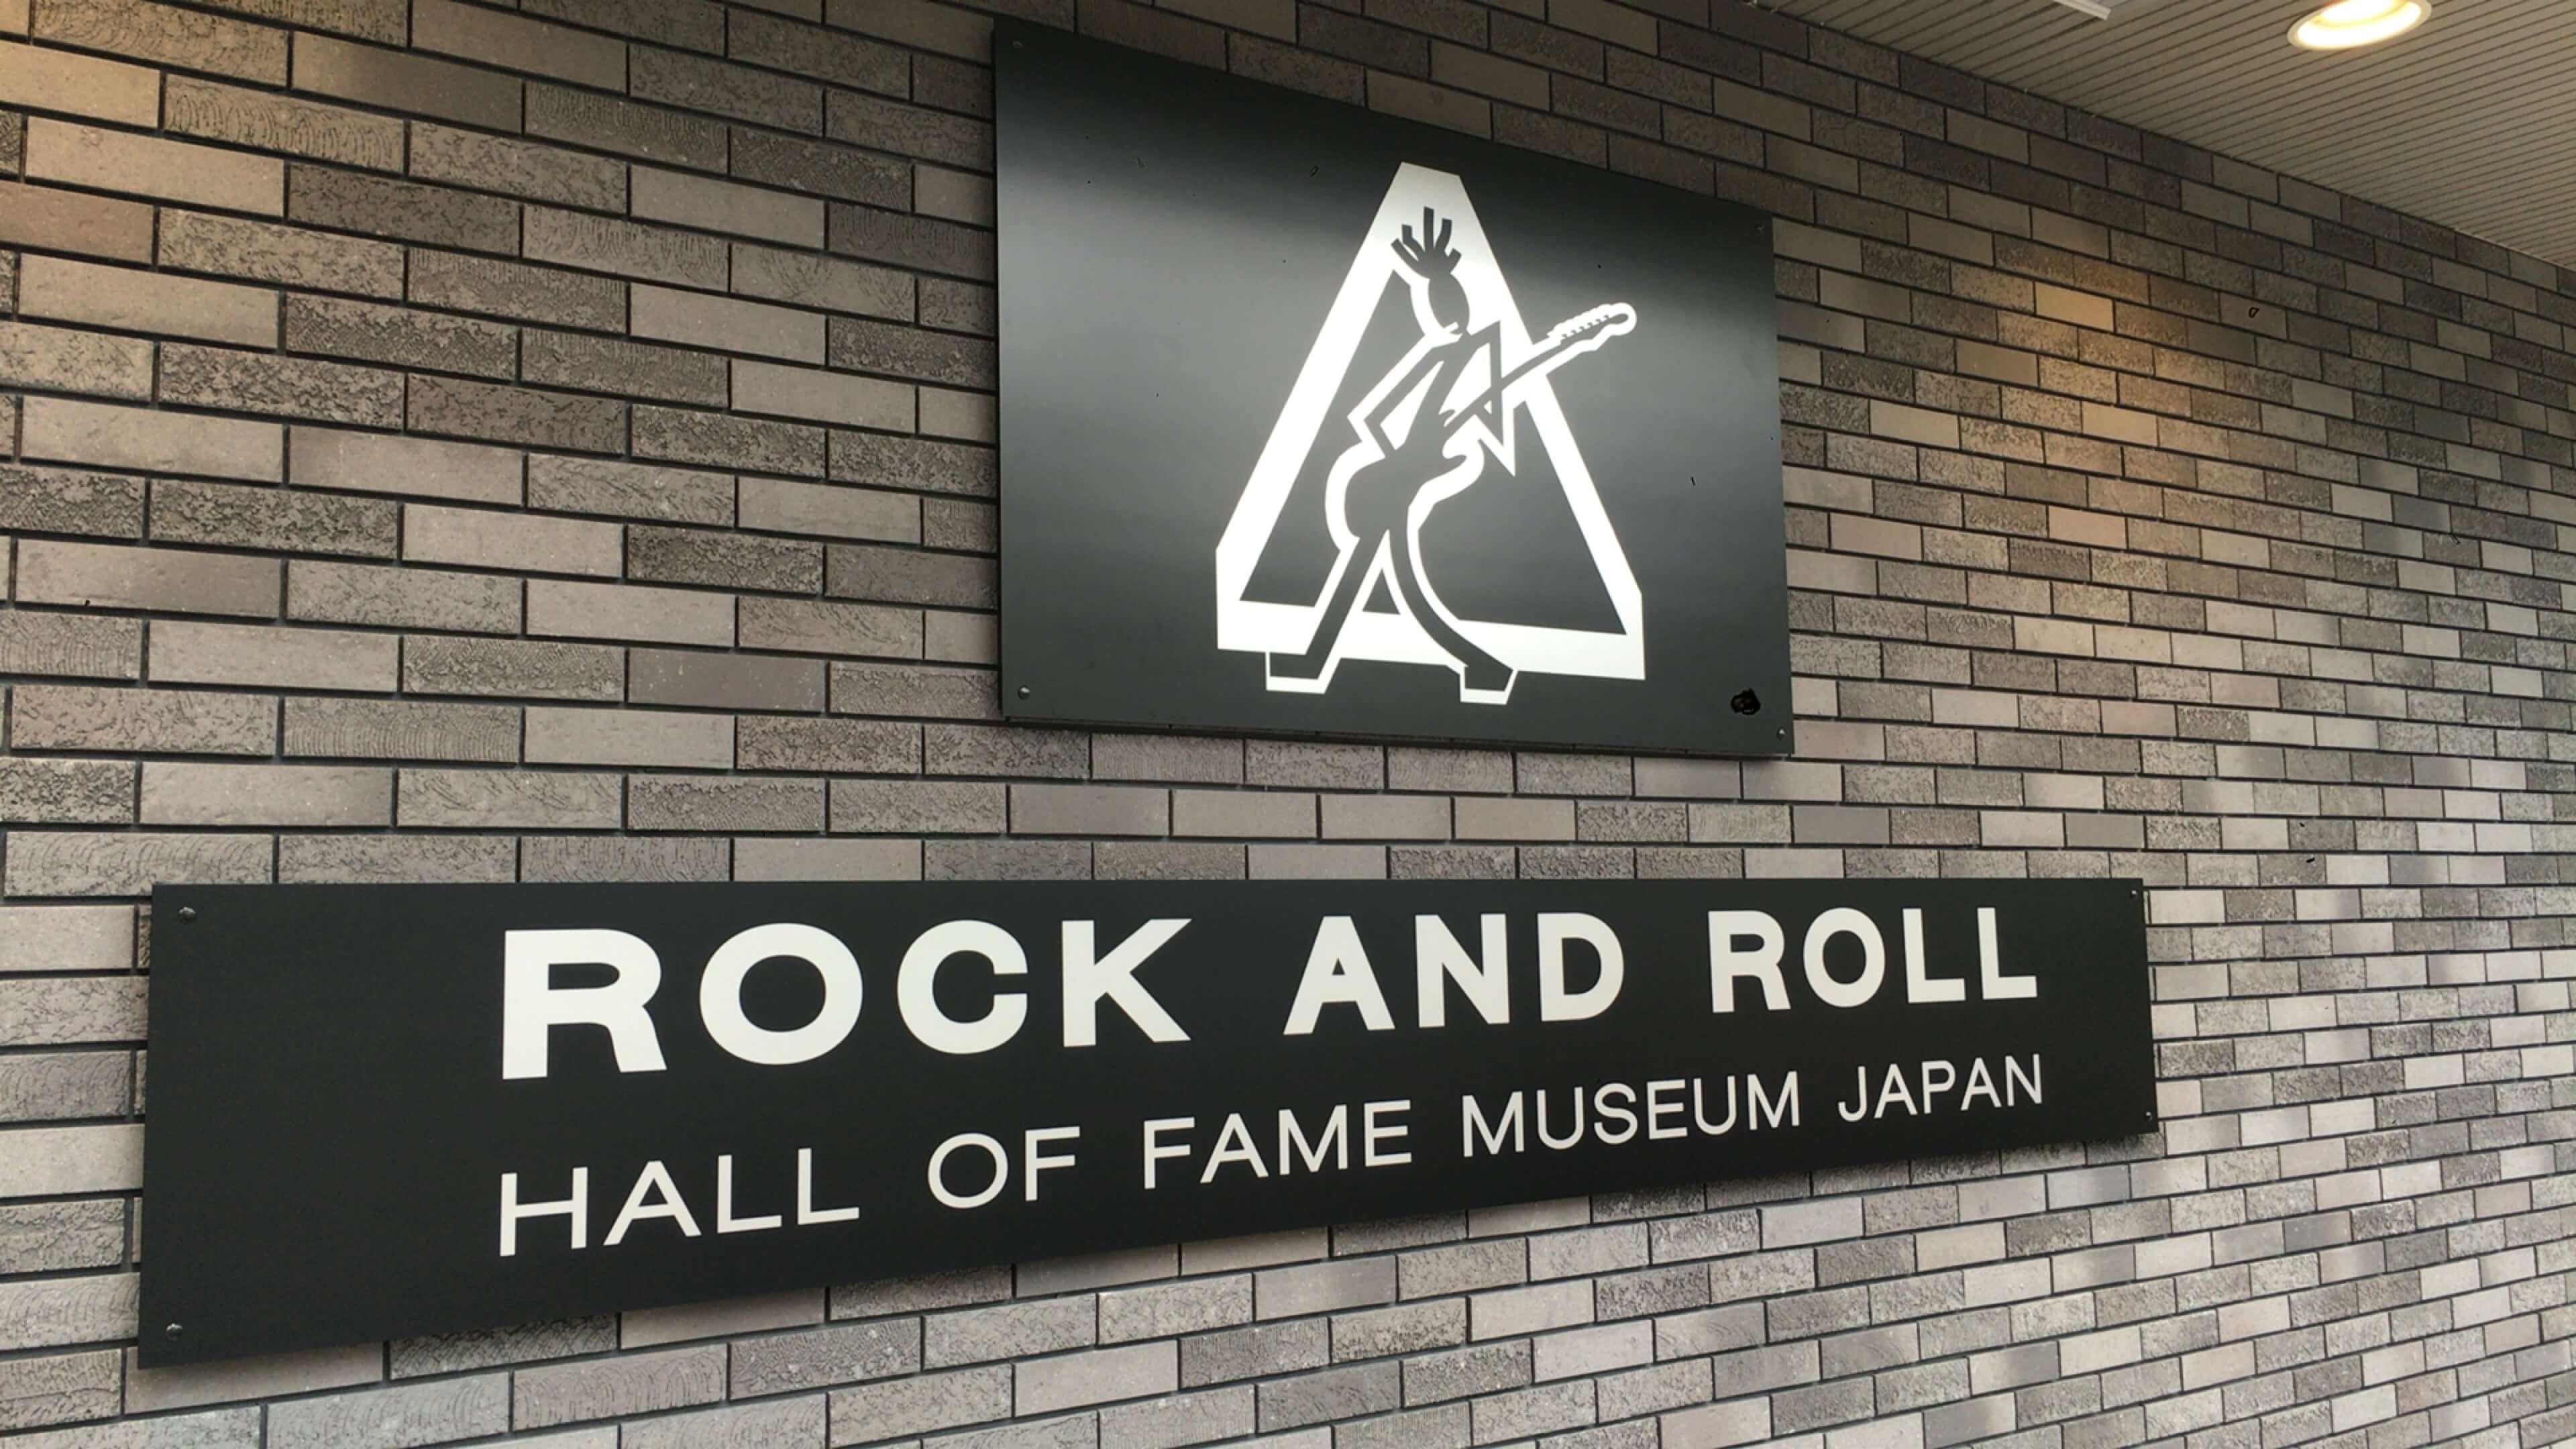 日本初上陸の地は金沢!ロックの殿堂ミュージアムジャパンがやってきた!